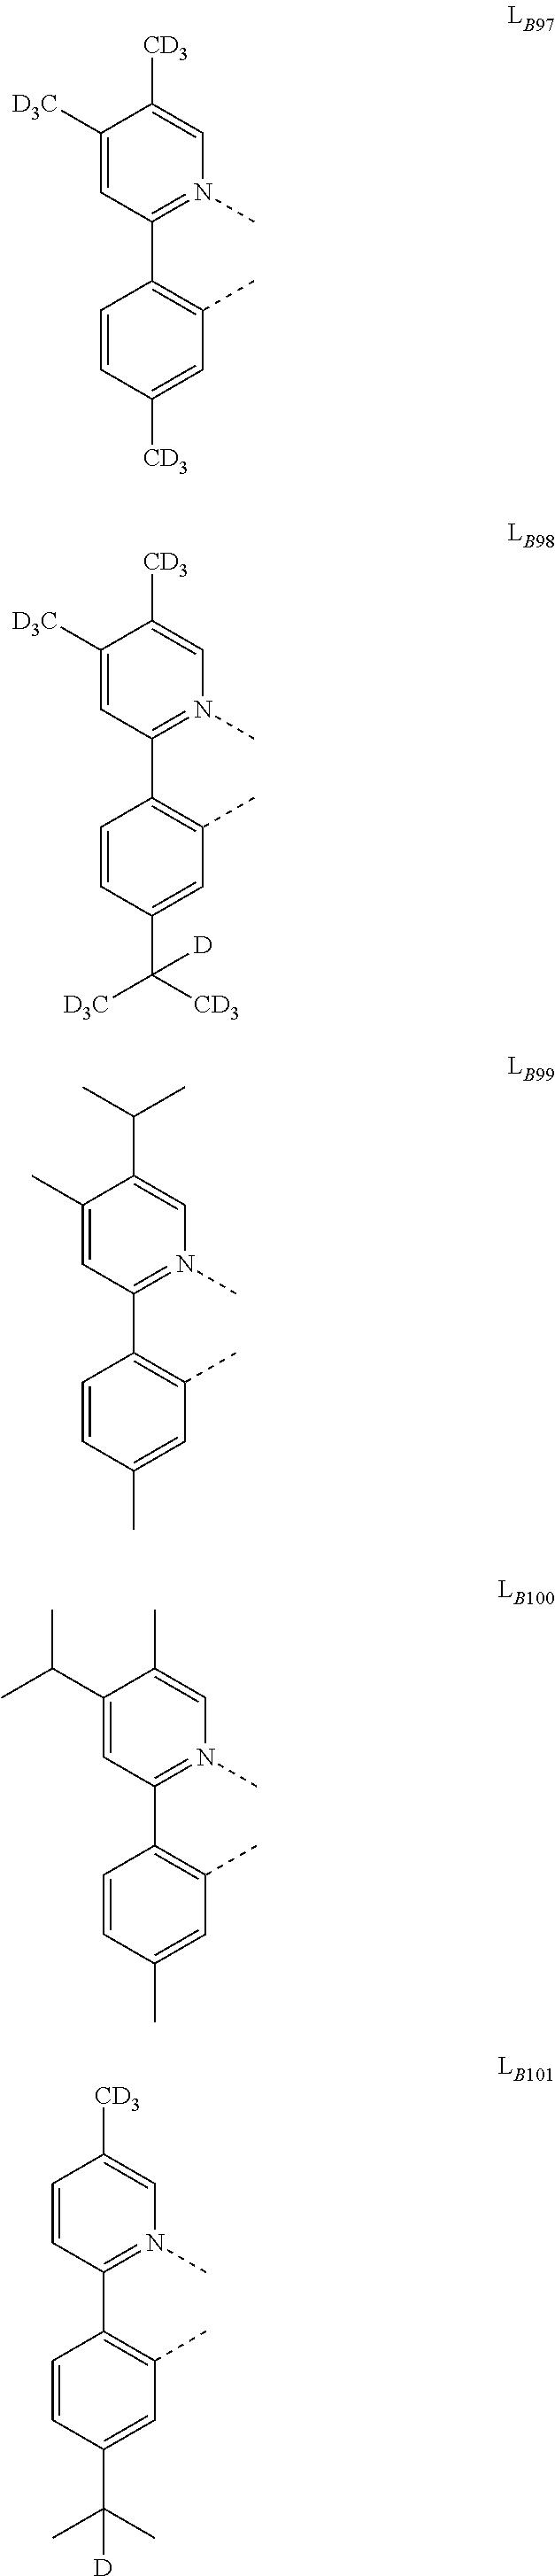 Figure US09929360-20180327-C00235